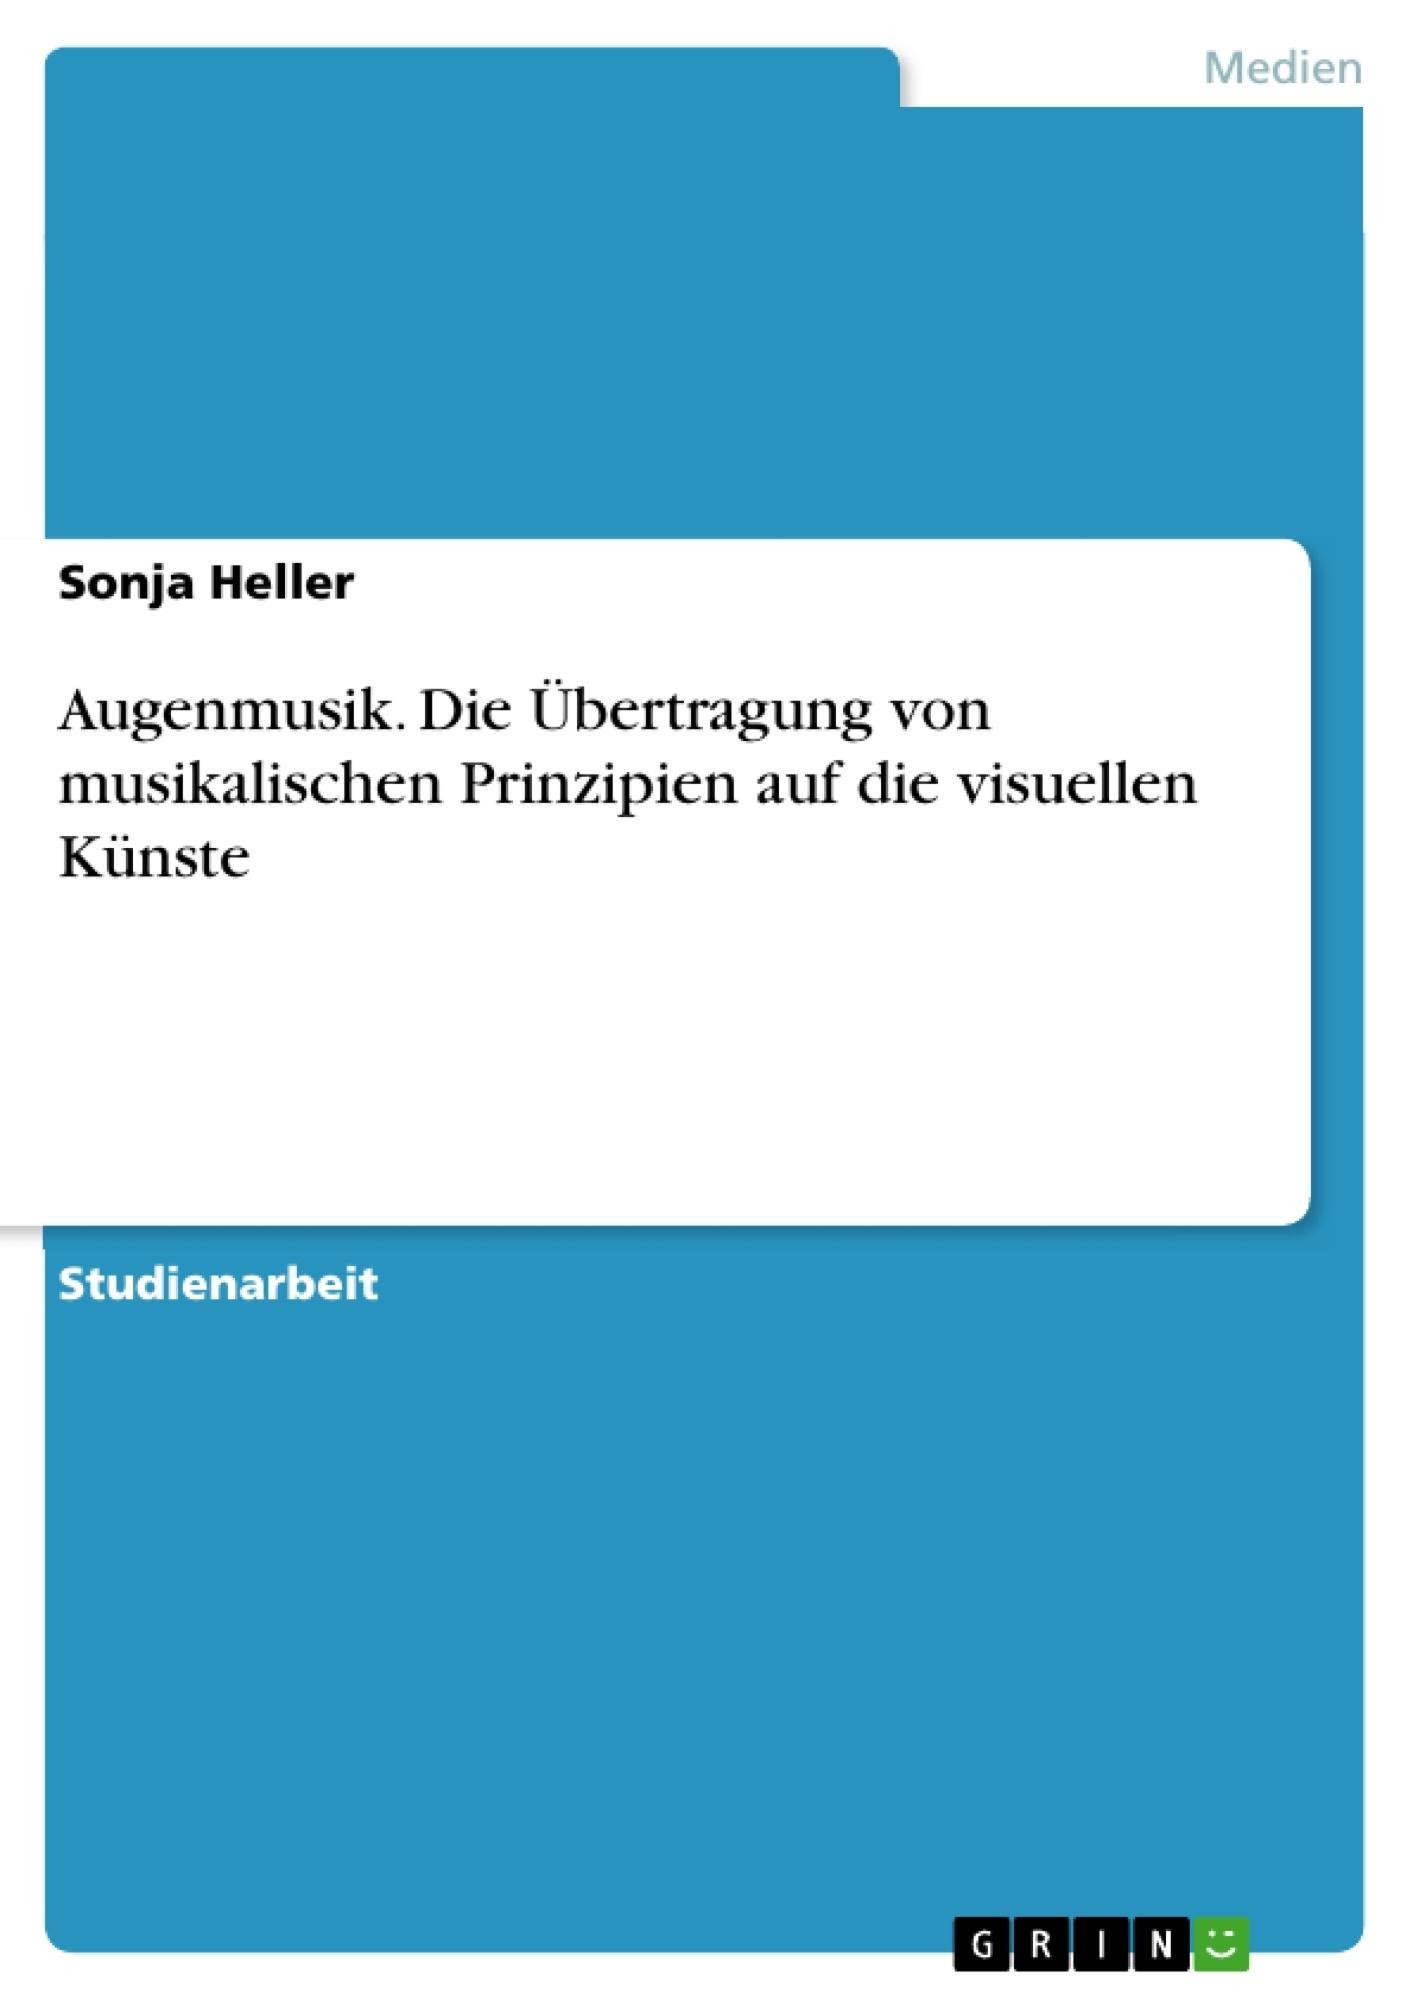 Titel: Augenmusik. Die Übertragung von musikalischen Prinzipien auf die visuellen Künste